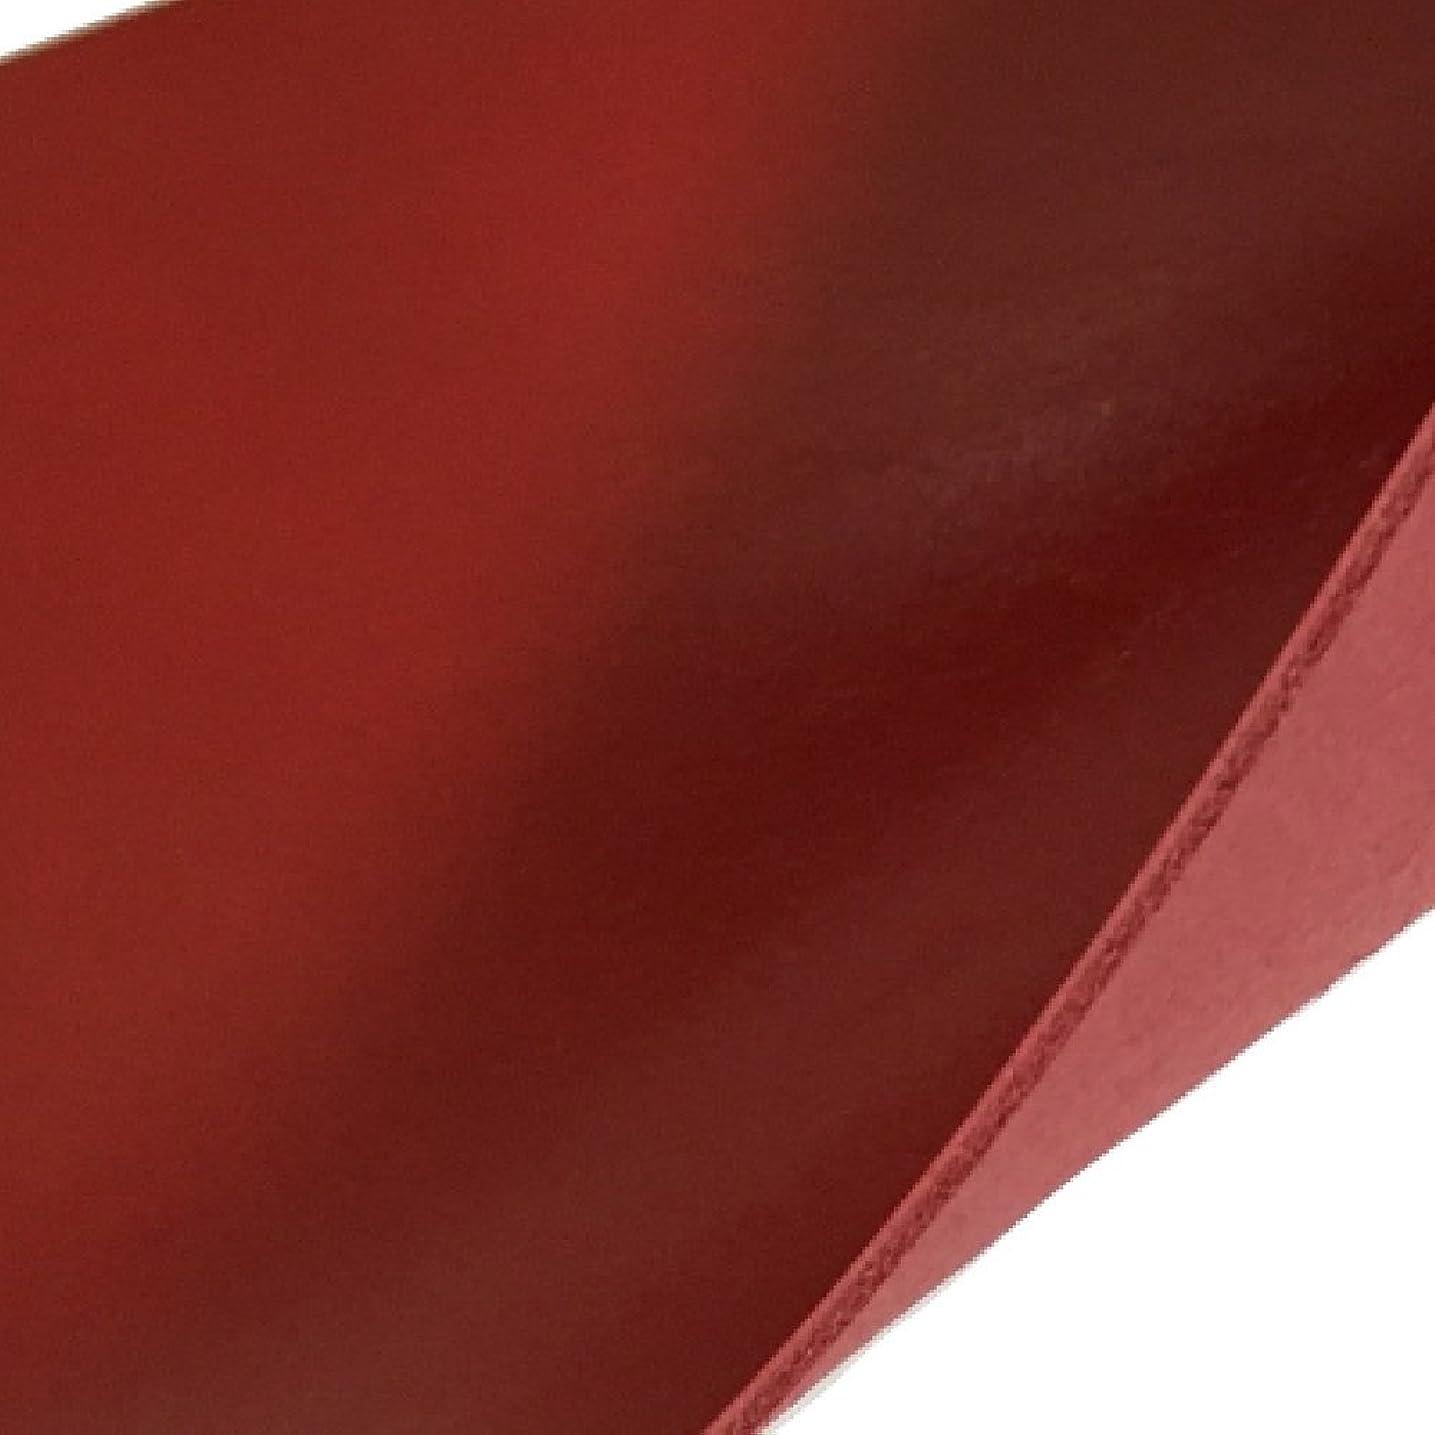 消えるミトン略奪[アイランドパピー] レザークラフト 硬質紙製 型紙 革 長 財布 バッグ カバン 説明シート付き (ウエストスクエア)